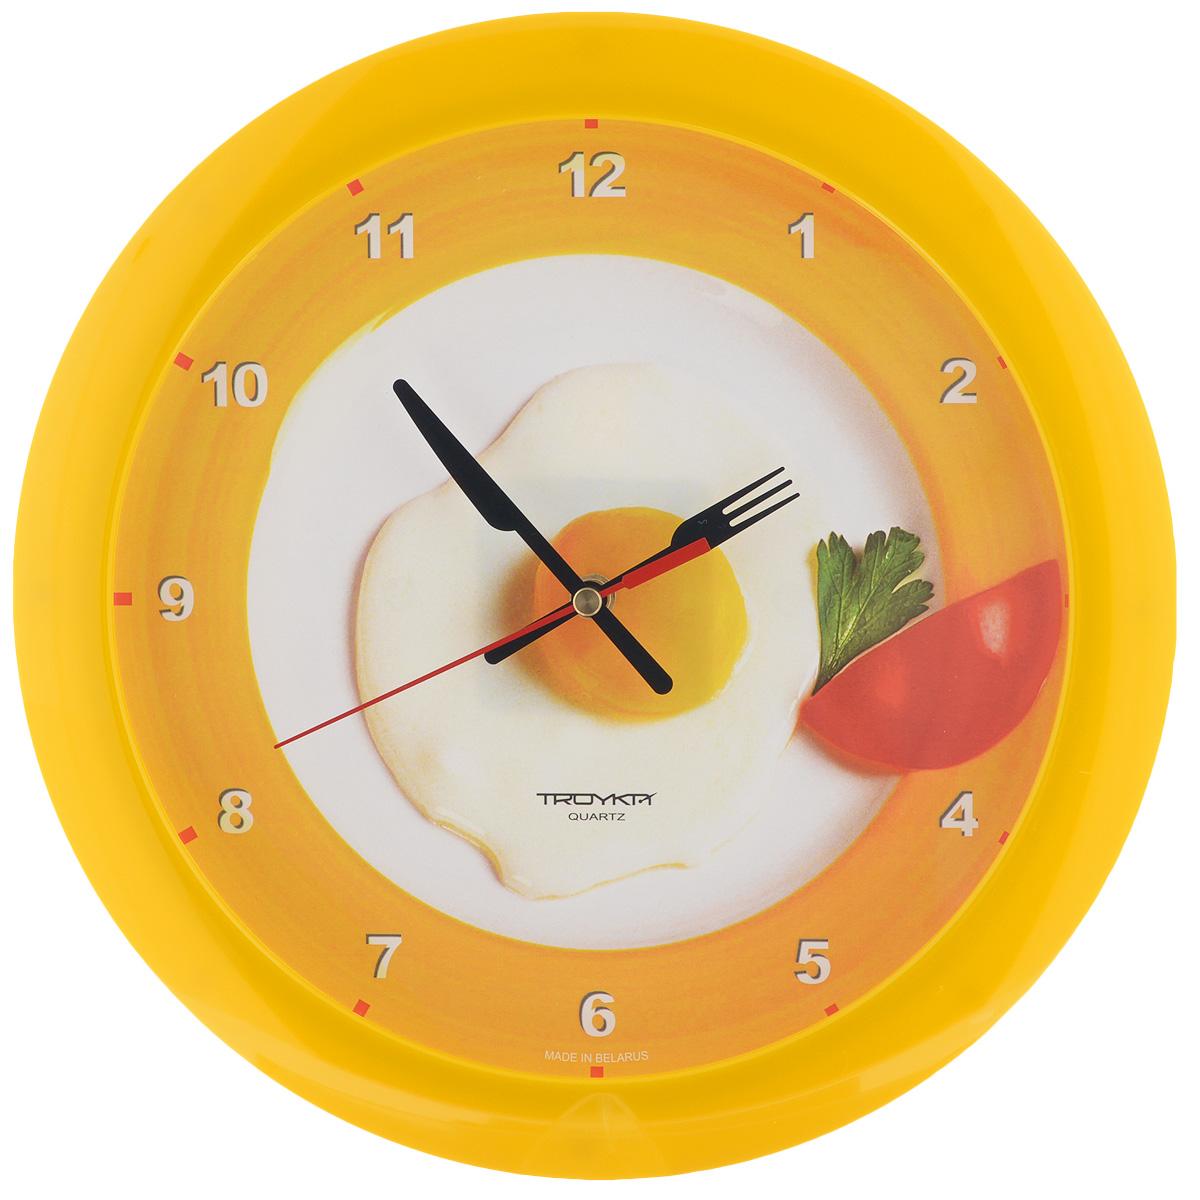 Часы настенные Troyka Яичница, цвет: белый, желтый. 1115017811150178Настенные кварцевые часы Troyka Яичница, изготовленные из пластика, прекрасно подойдут под интерьер вашего дома. Круглые часы имеют три стрелки: часовую, минутную и секундную, циферблат украшен изображением яичницы и защищен прозрачным пластиком. Диаметр часов: 29 см. Часы работают от 1 батарейки типа АА напряжением 1,5 В (входит в комплект). Материал: пластик; размер: диаметр 290 мм; цвет: желтый